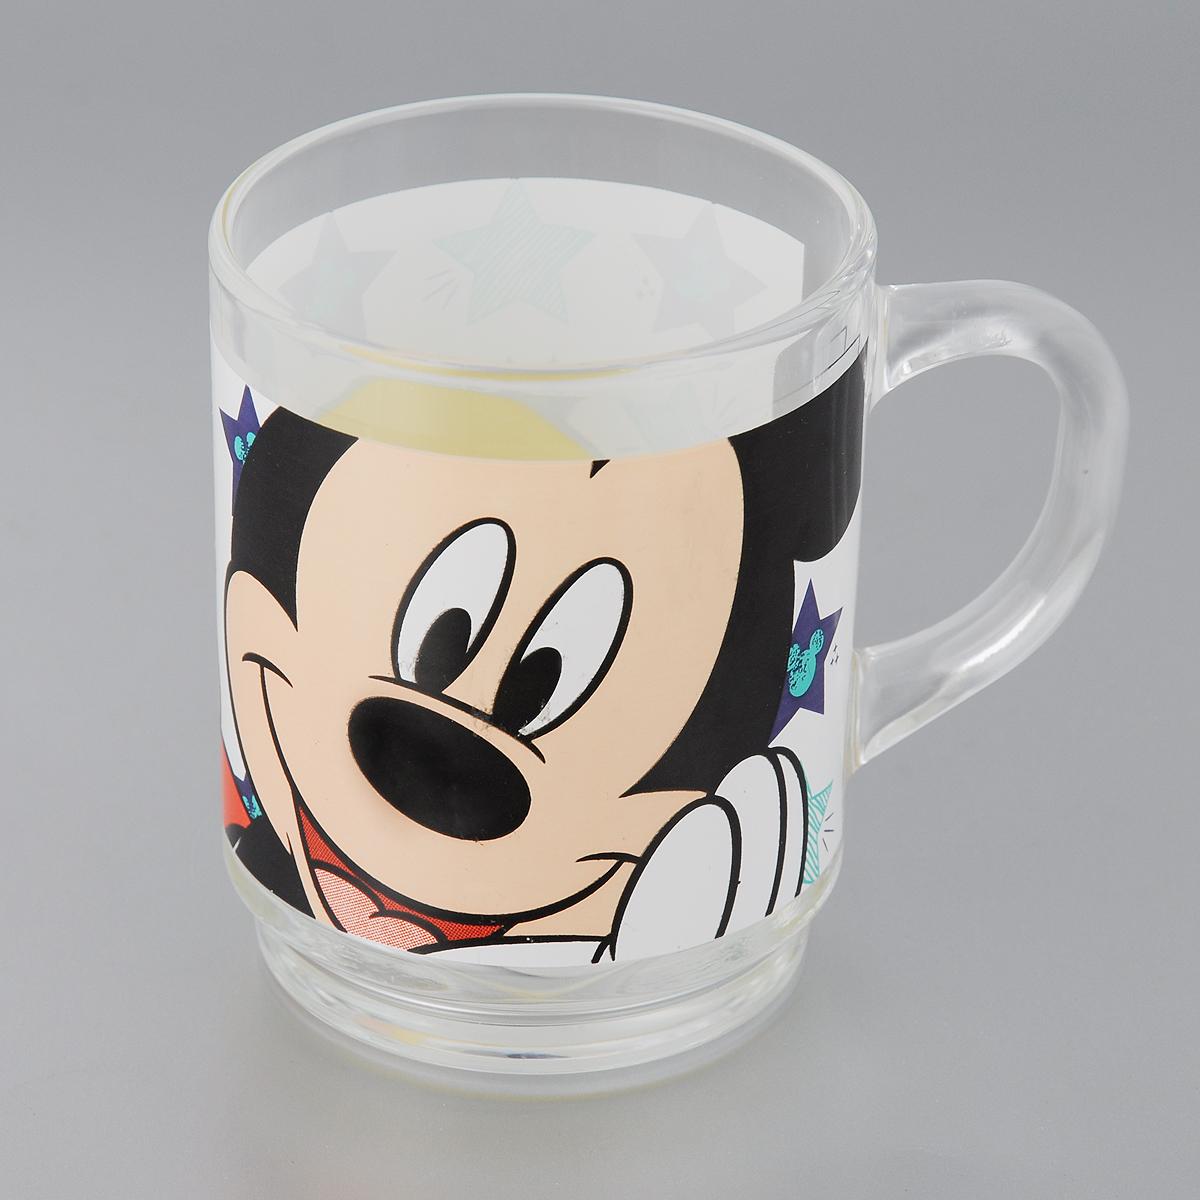 Кружка Luminarc Oh Minnie, 250 млH6441Кружка Luminarc Oh Minnie изготовлена из упрочненного стекла и оформлена ярким рисунком. Такая кружка прекрасно подойдет для горячих и холодных напитков. Она дополнит коллекцию вашей кухонной посуды и будет служить долгие годы. Диаметр кружки (по верхнему краю): 7 см.